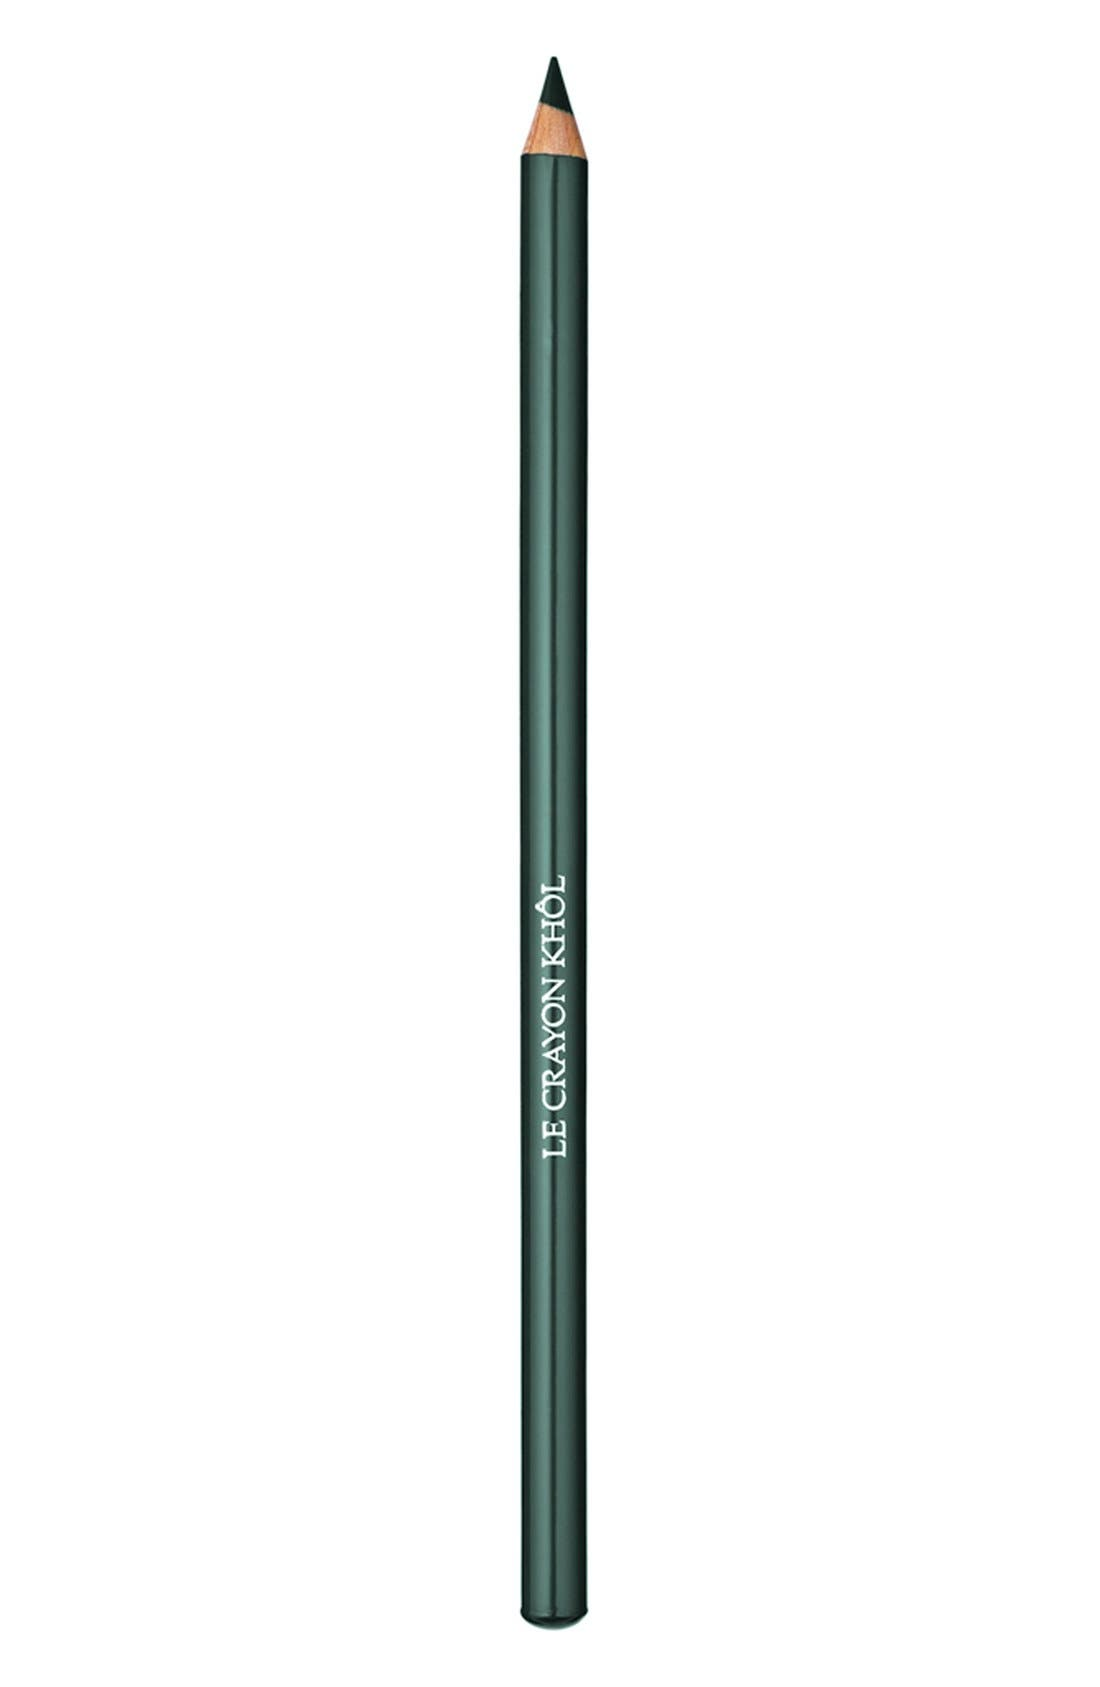 Lancome Le Crayon Khol Eyeliner - Moss